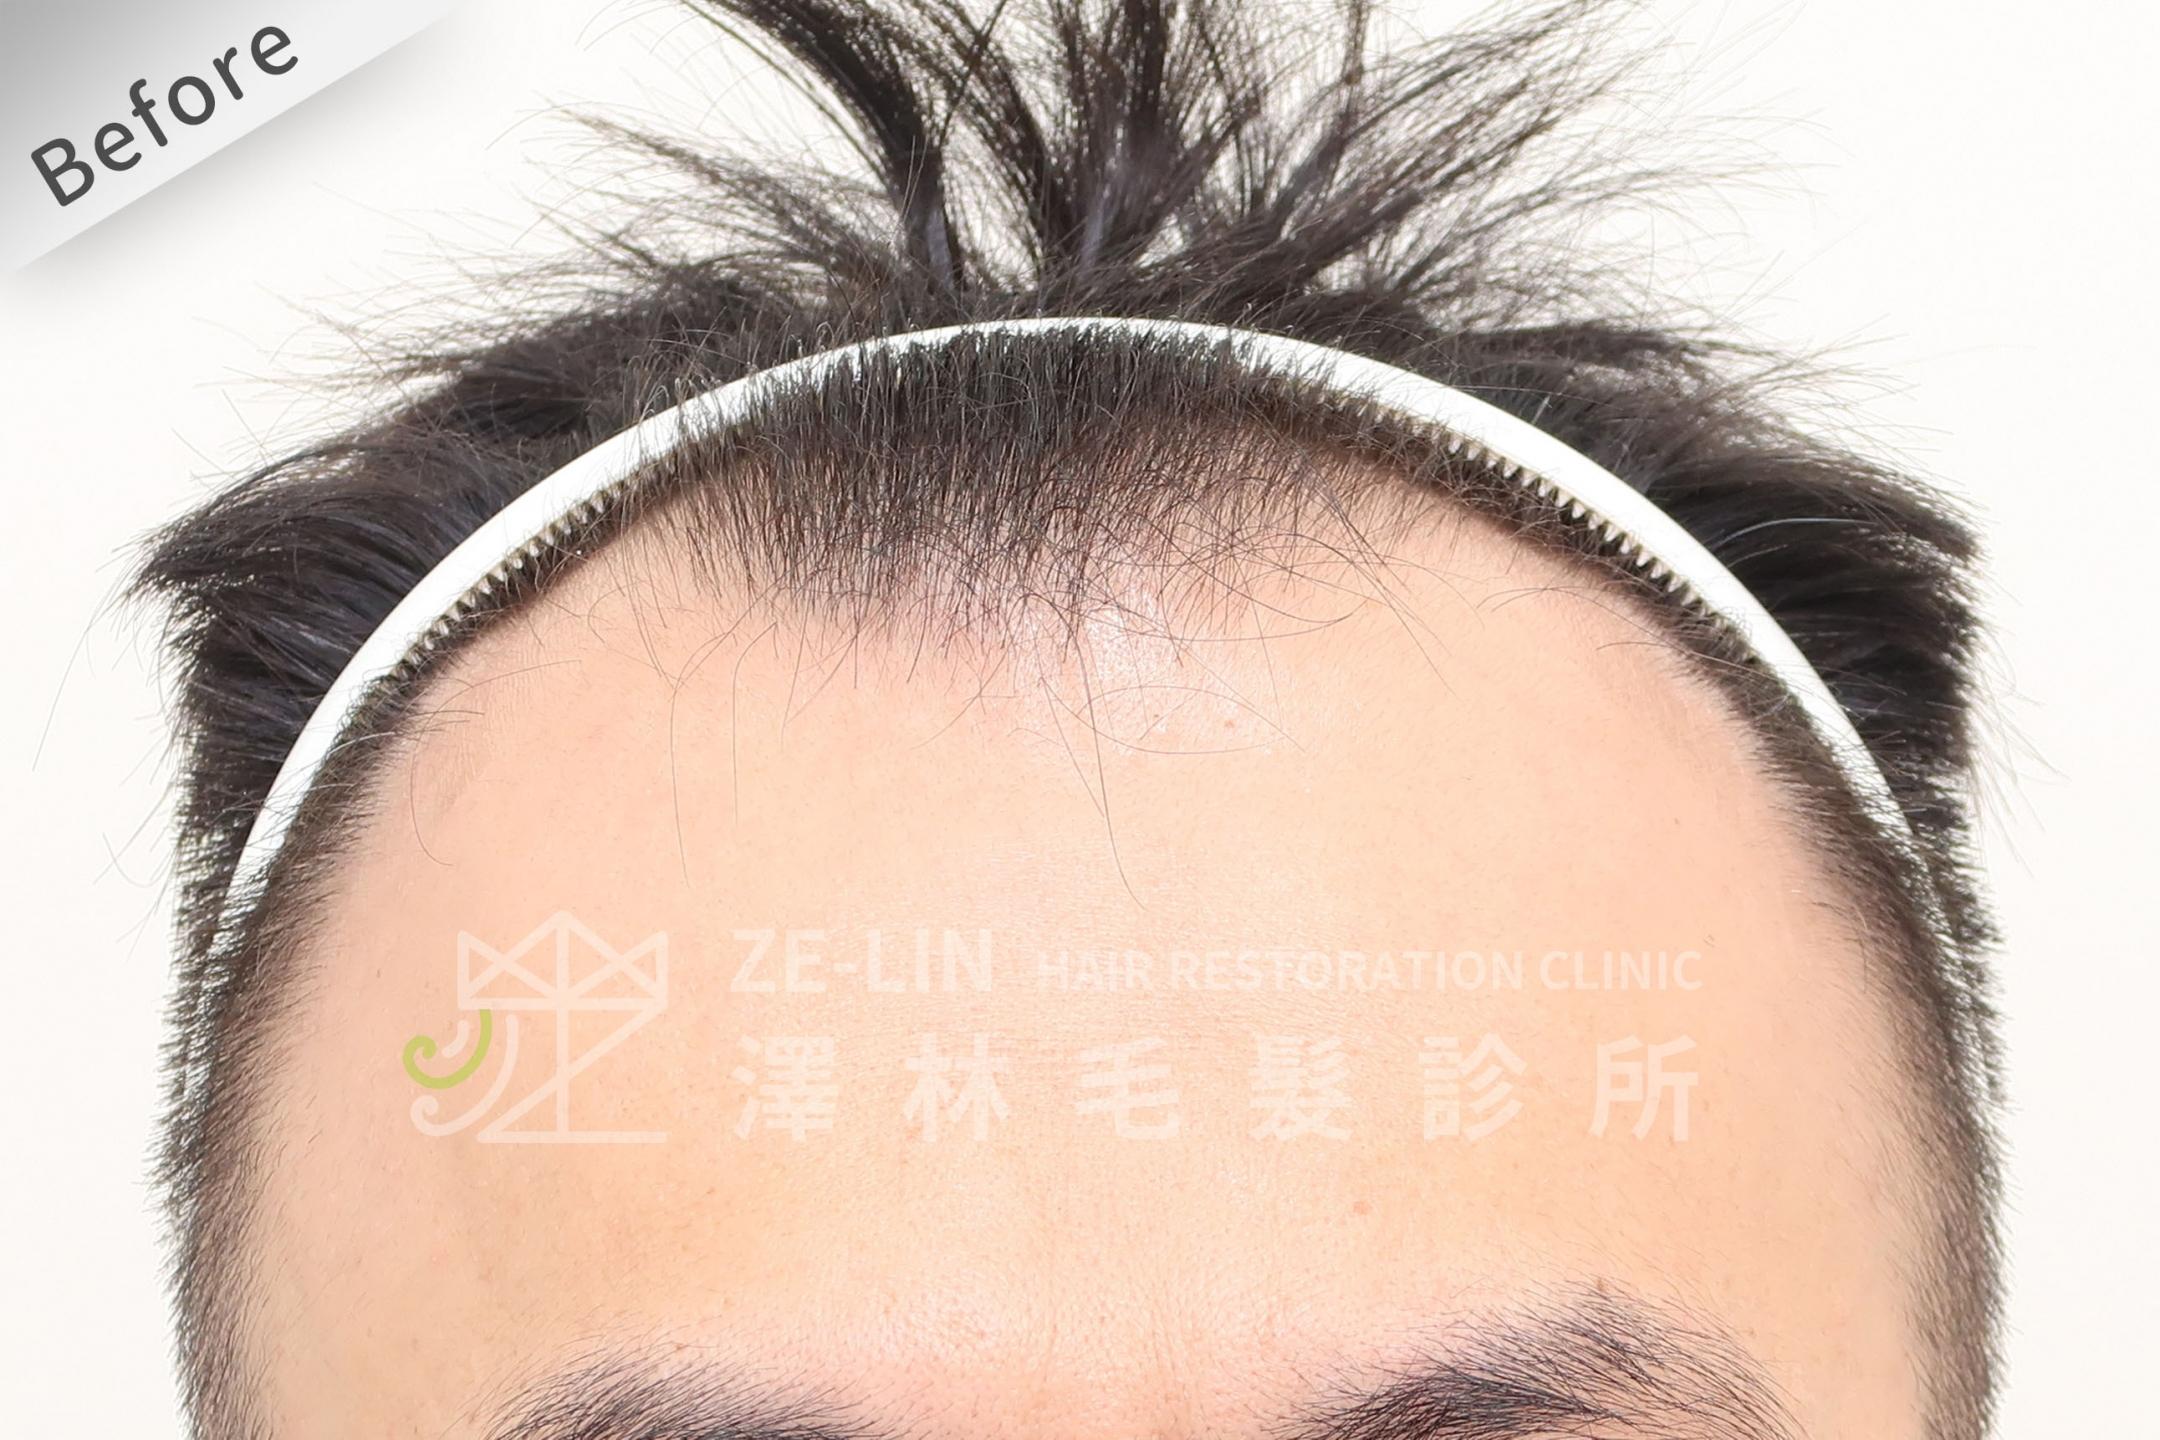 M型禿植髮推薦案例心得分享術前9-1